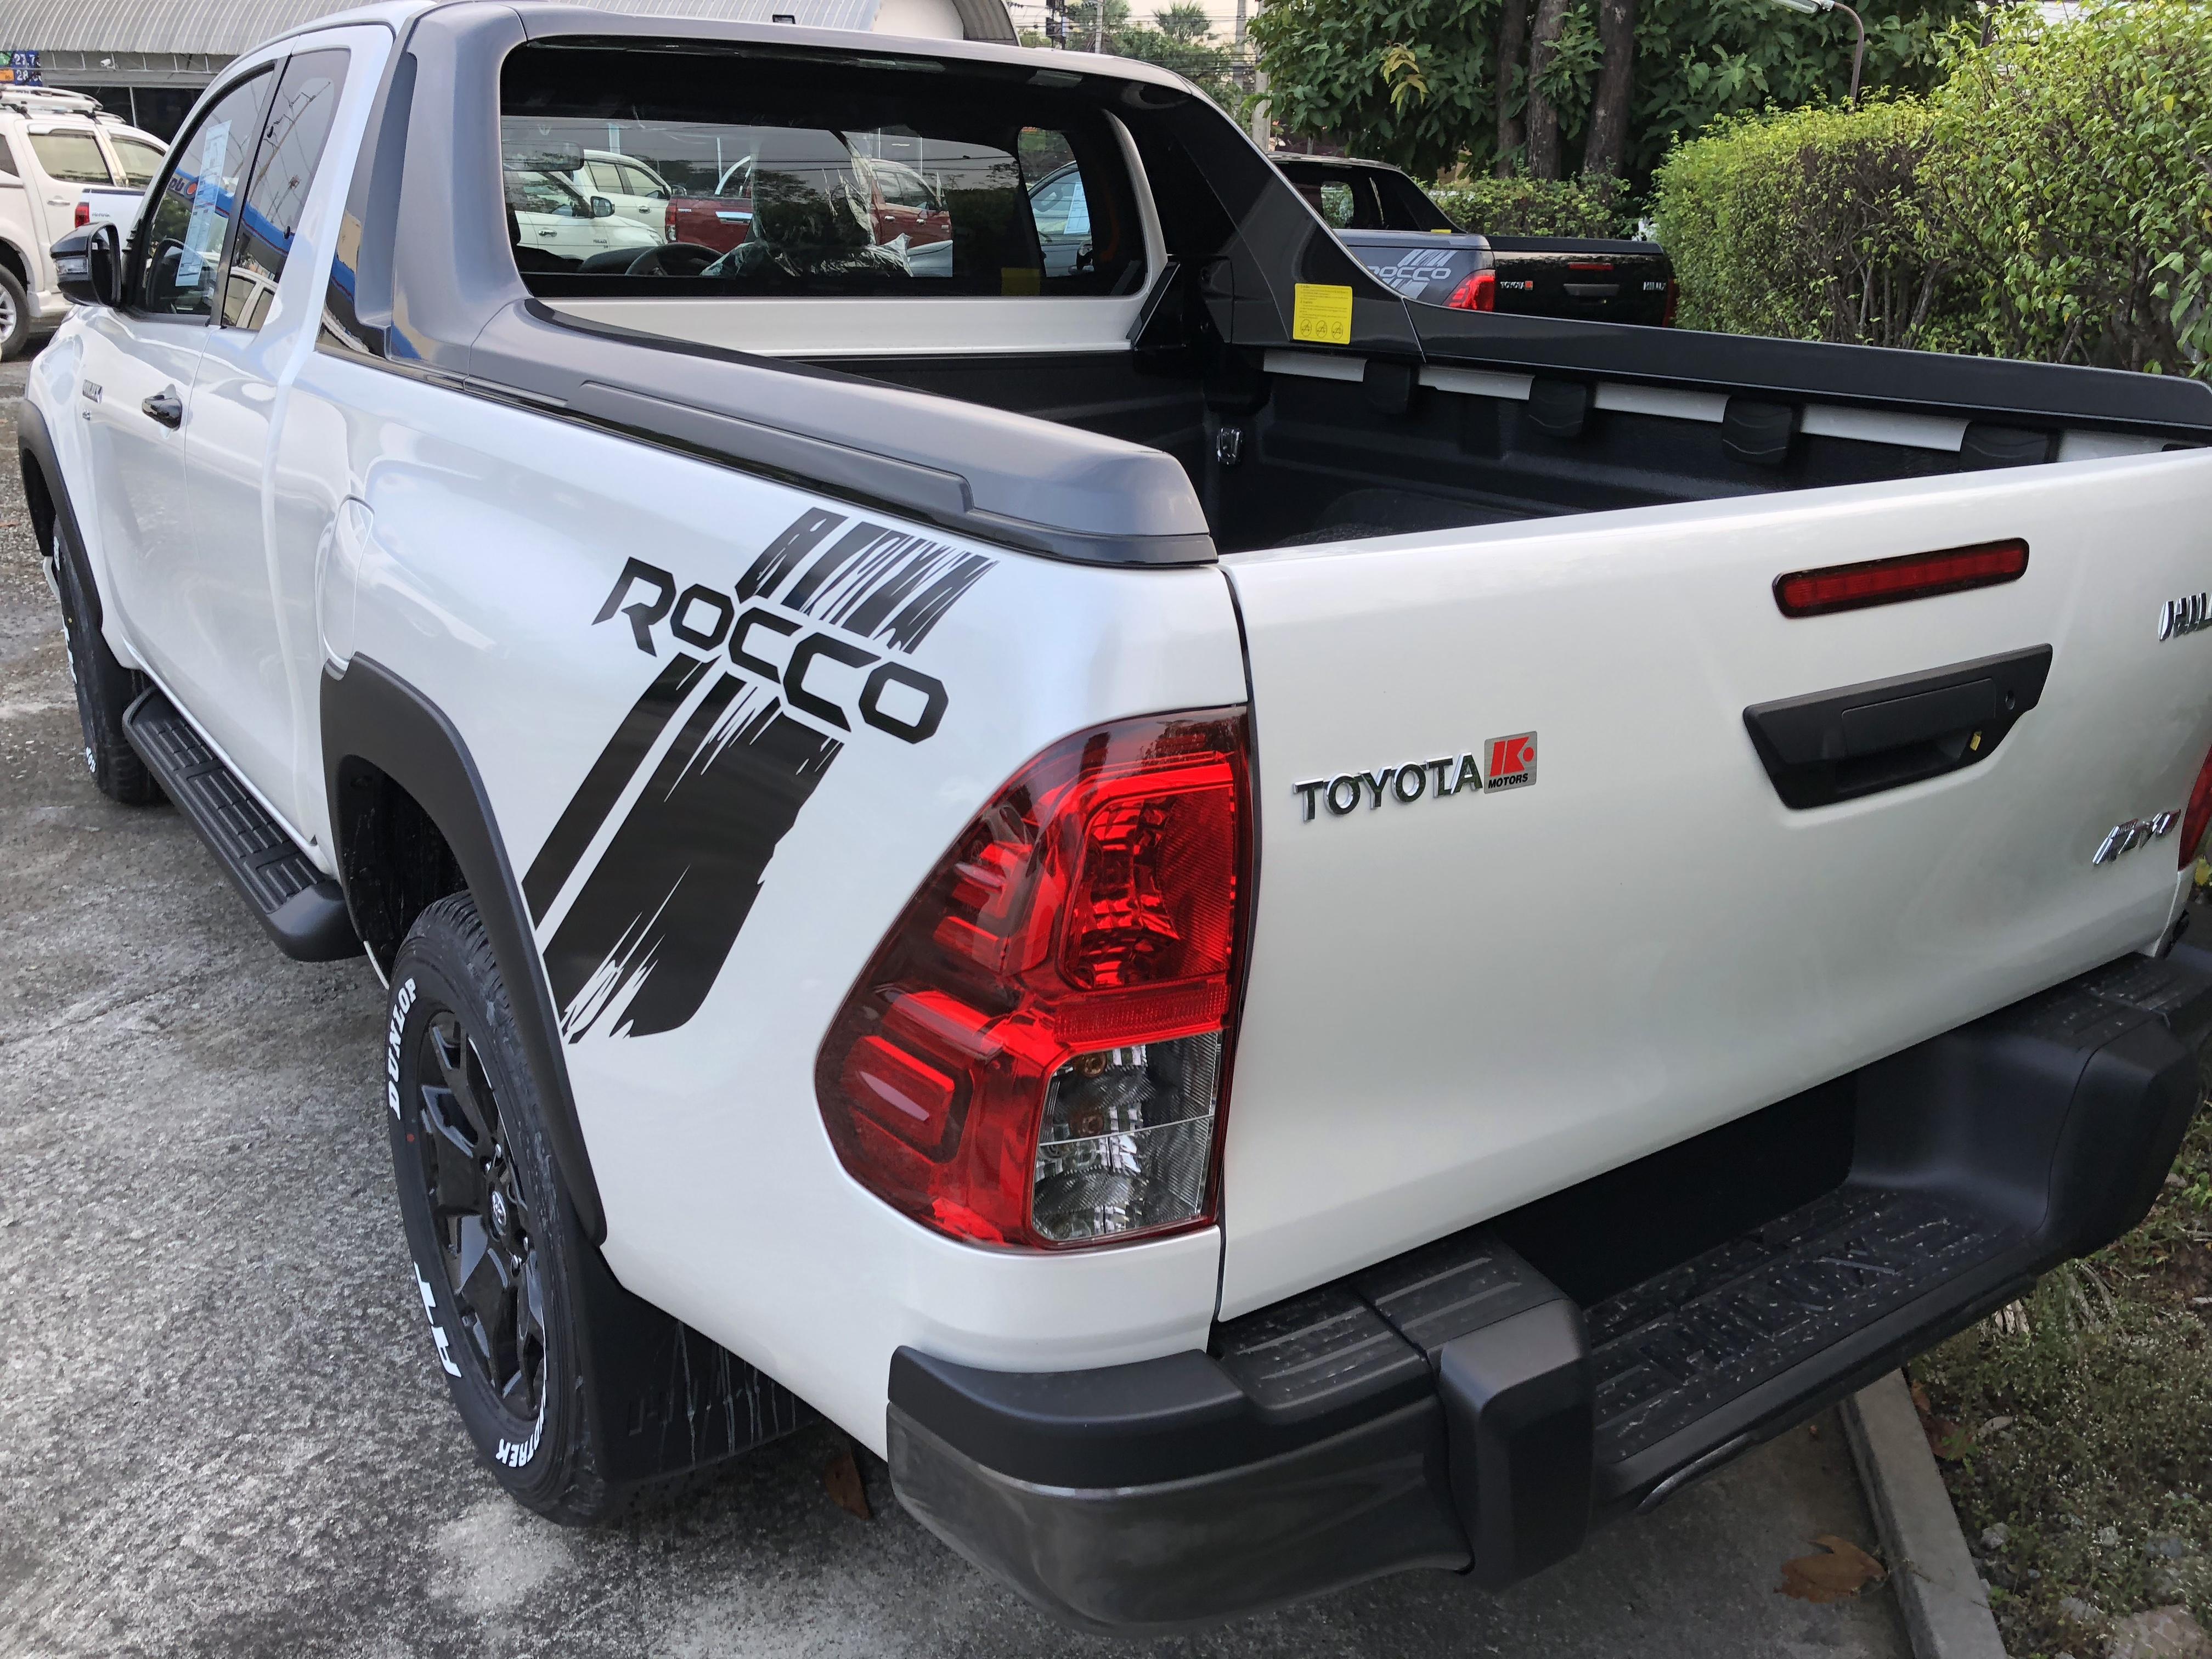 Toyota Hilux Revo Rocco Smart Cab 4x4